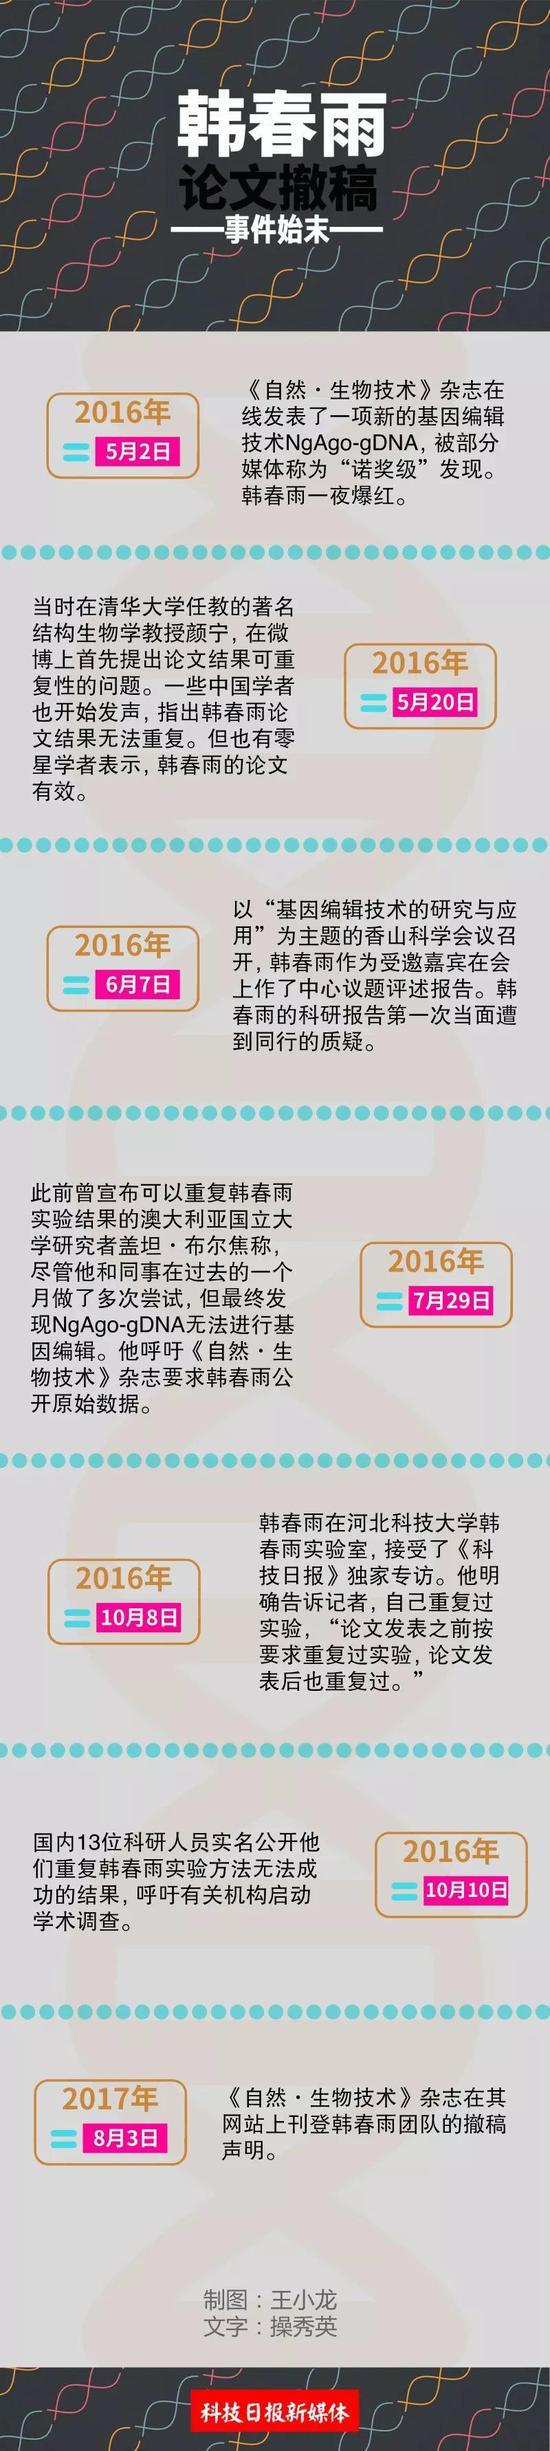 河北科大发布调查结果:韩春雨团队不存在主观造假